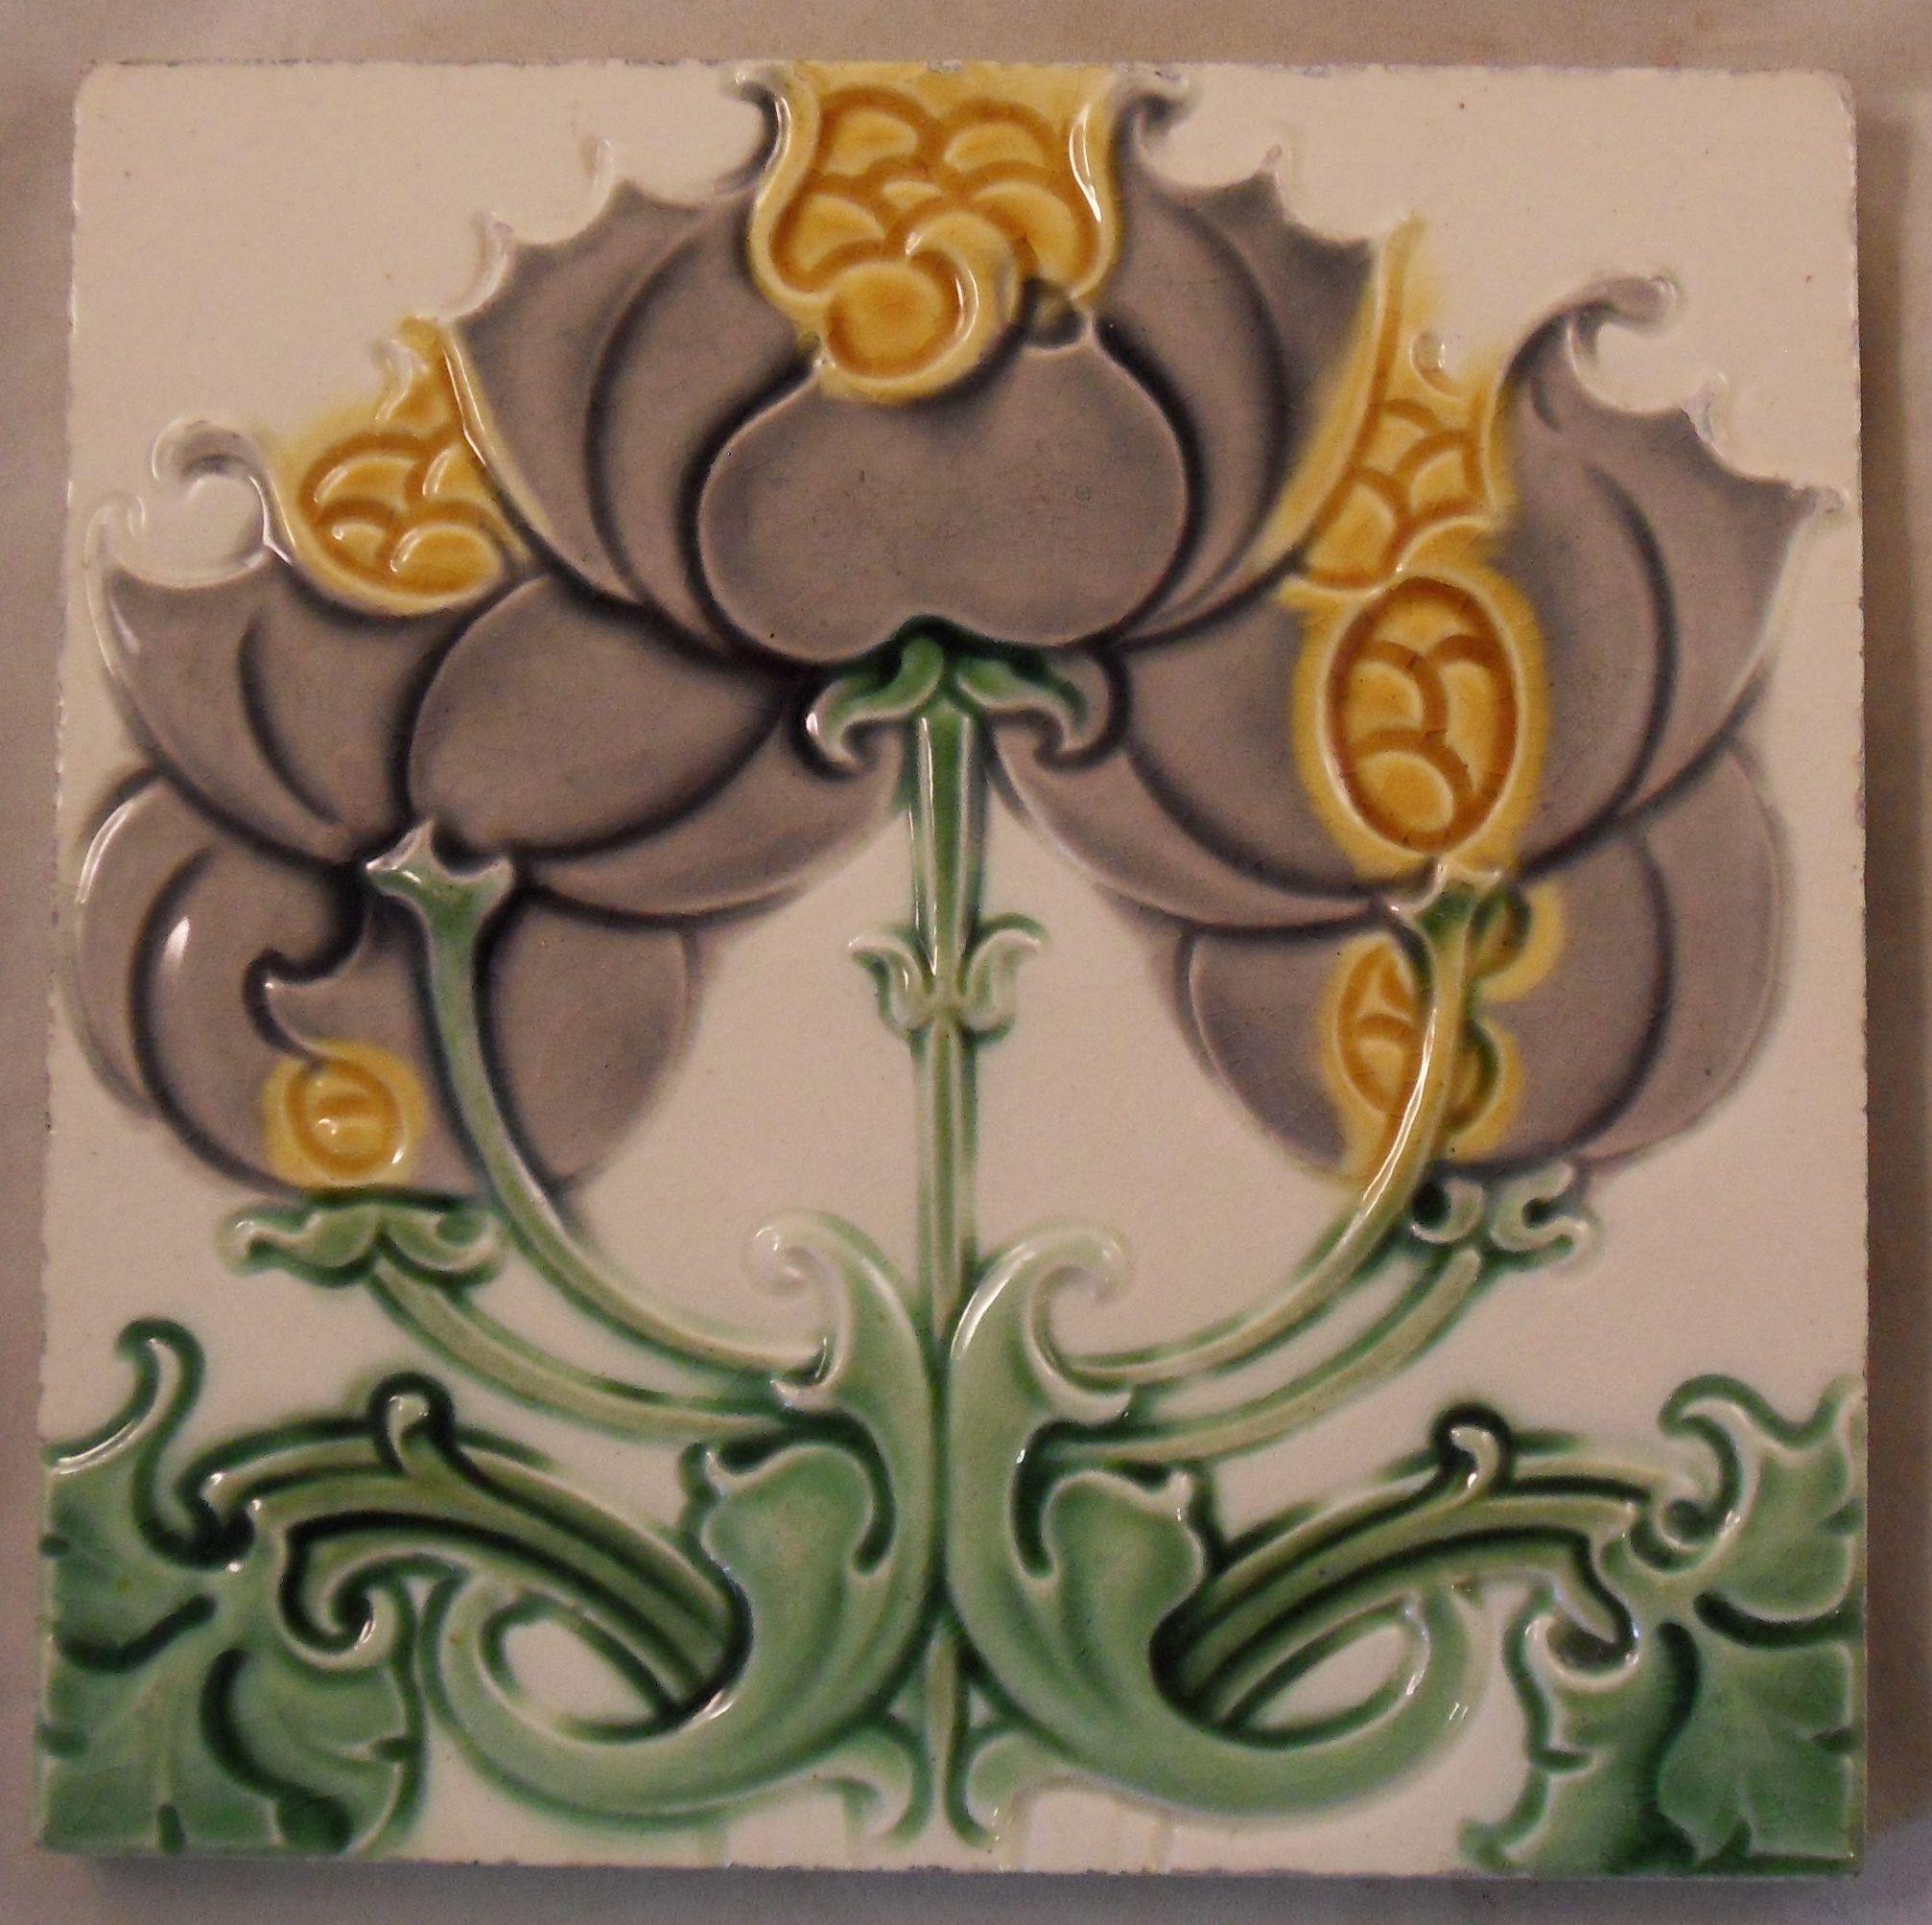 Rare Find A Art Nouveau Design From Craven Dunnill Co C1907 9 With Images Art Deco Tiles Ceramic Tile Art Tile Art